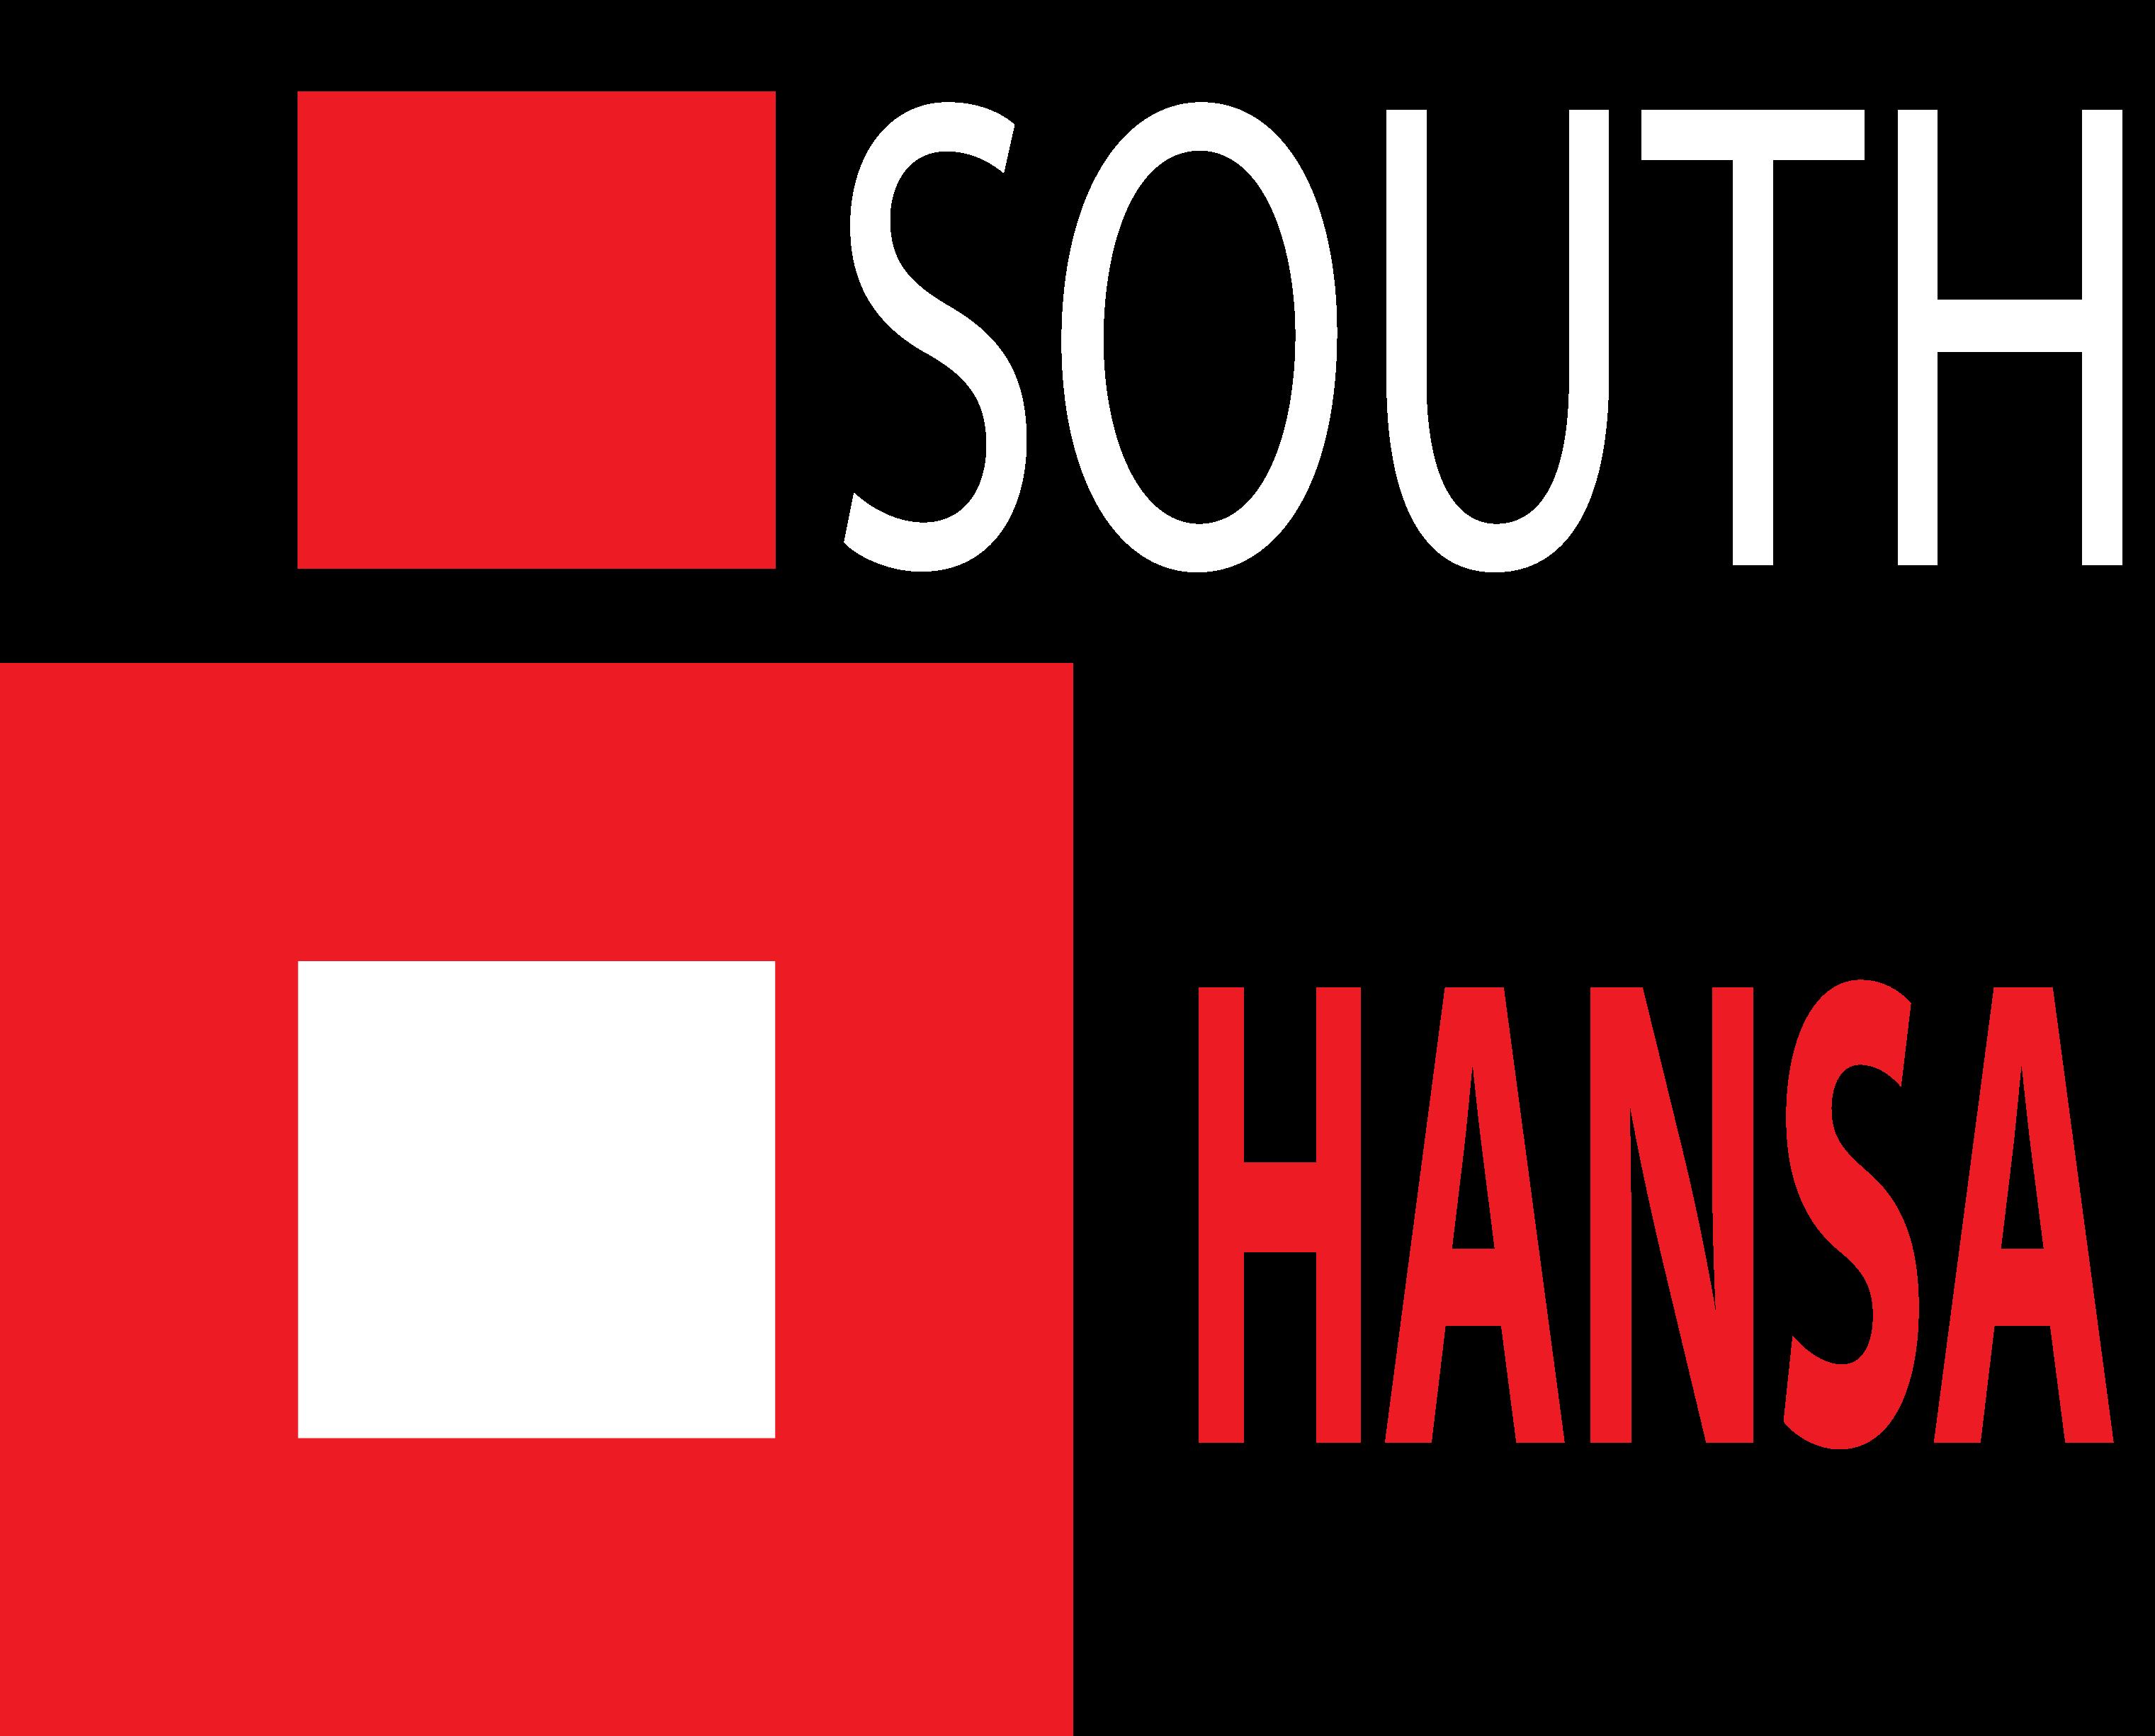 south-hansa